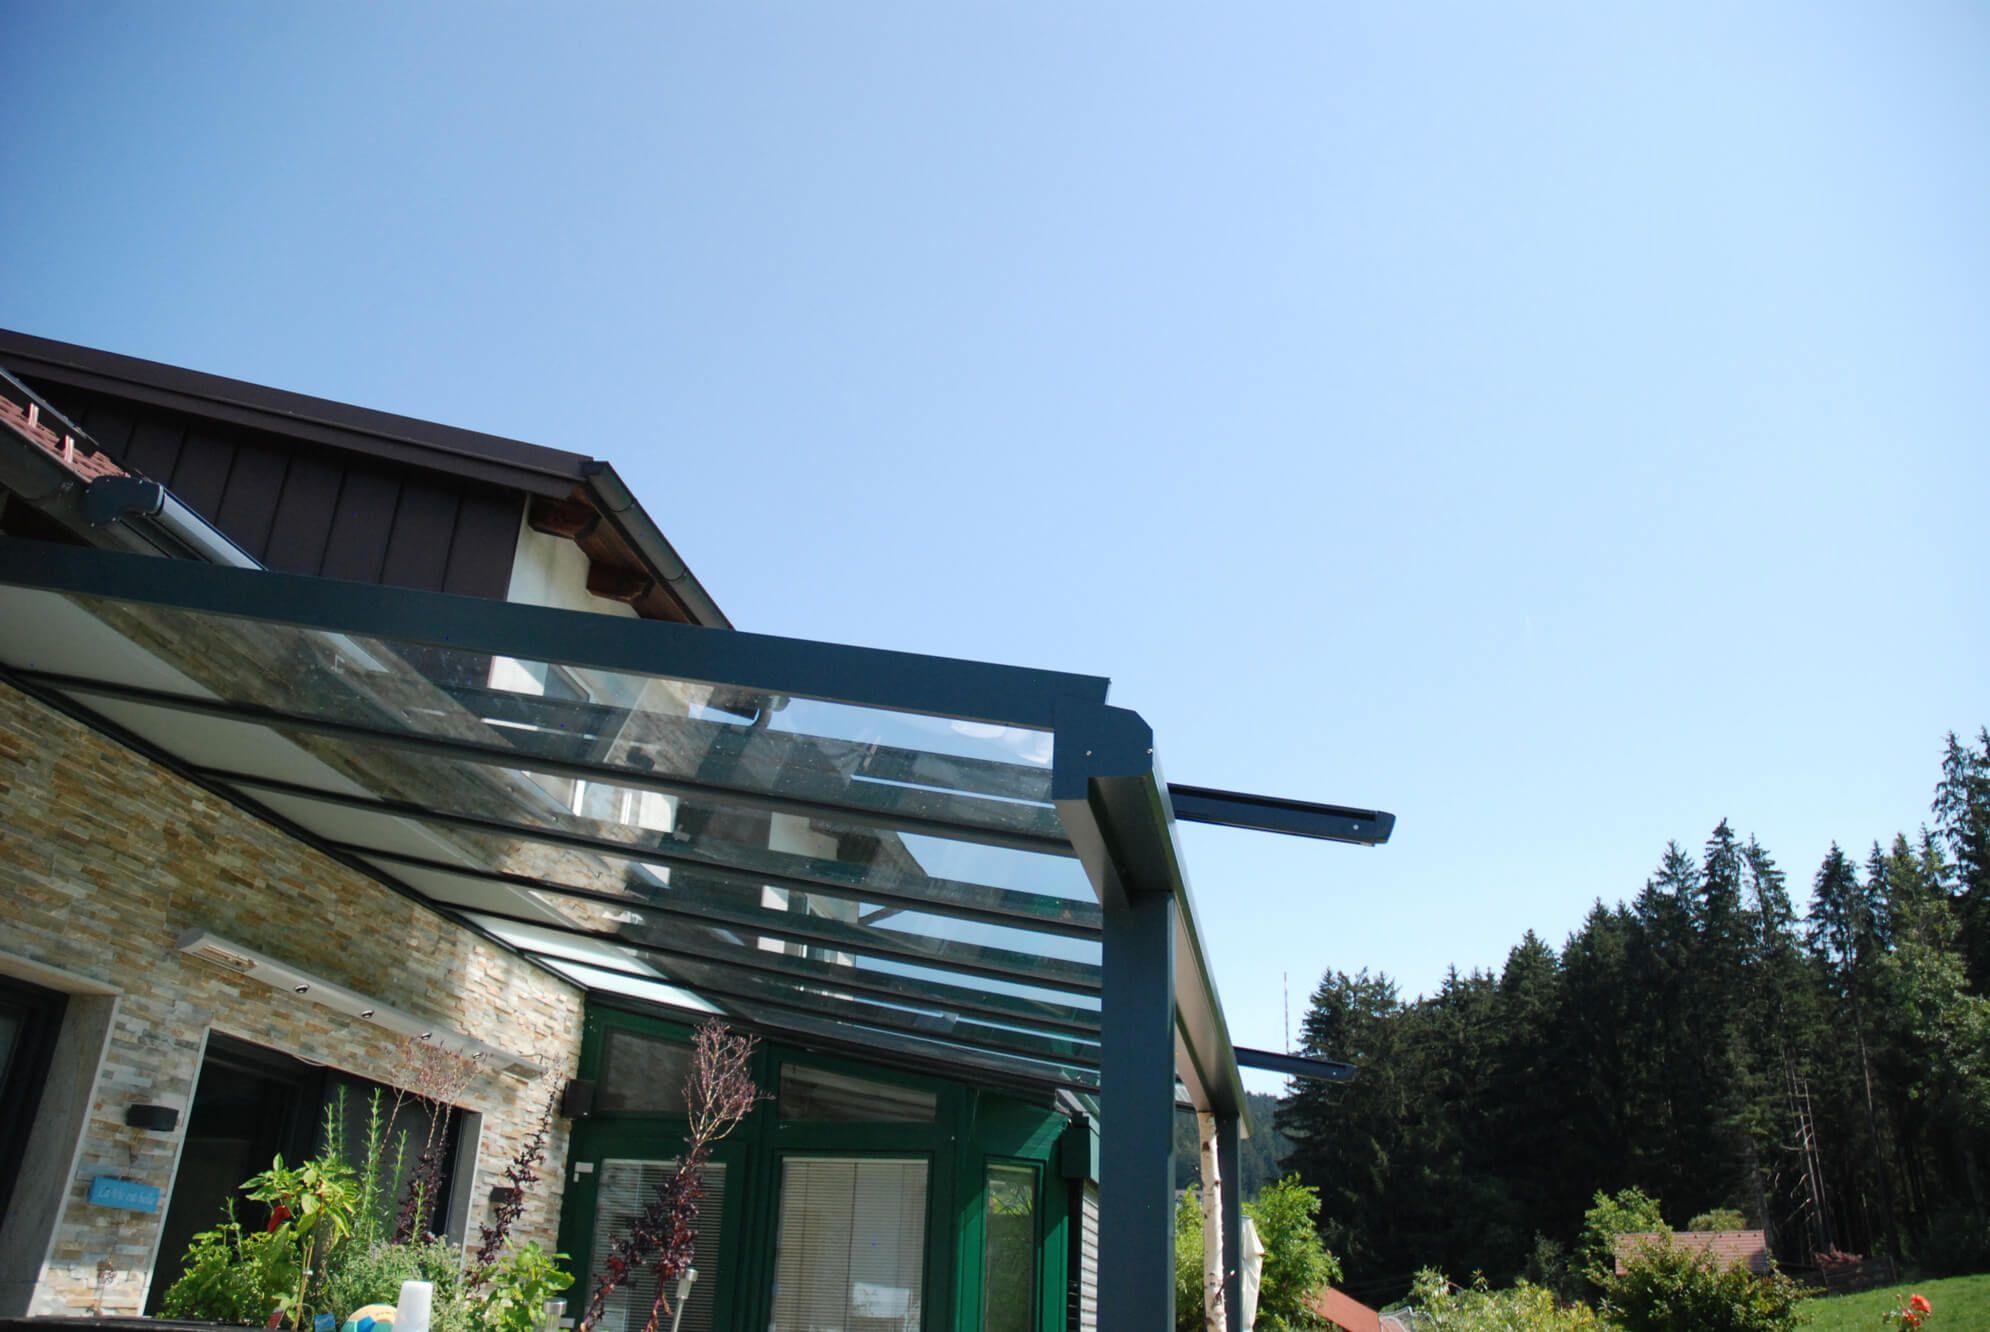 Terrassenüberdachung Alu und Glas Österreich   Preisbeispiele & Tipps